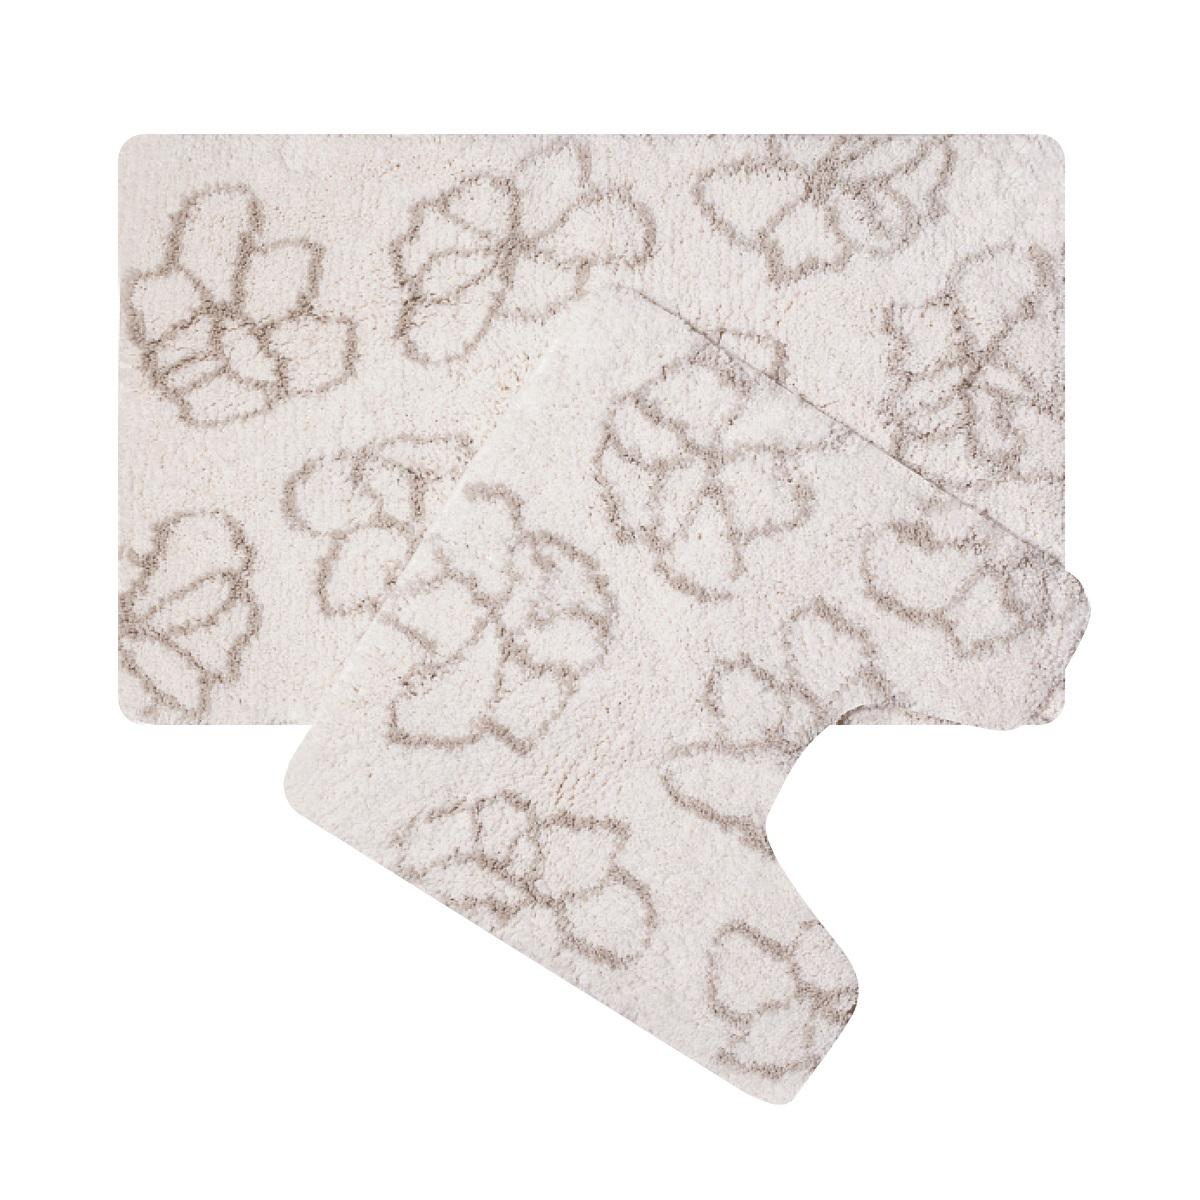 Набор ковриков для ванной Iddis Blessed spring, цвет: бежевый, 50 х 80 см, 50 х 50 см, 2 шт490M580i13100% полиэстер (микрофибра), тканный коврик для ванной комнаты на латексной основе. Высота ворса 2,5см. Упаковка ПП пакет